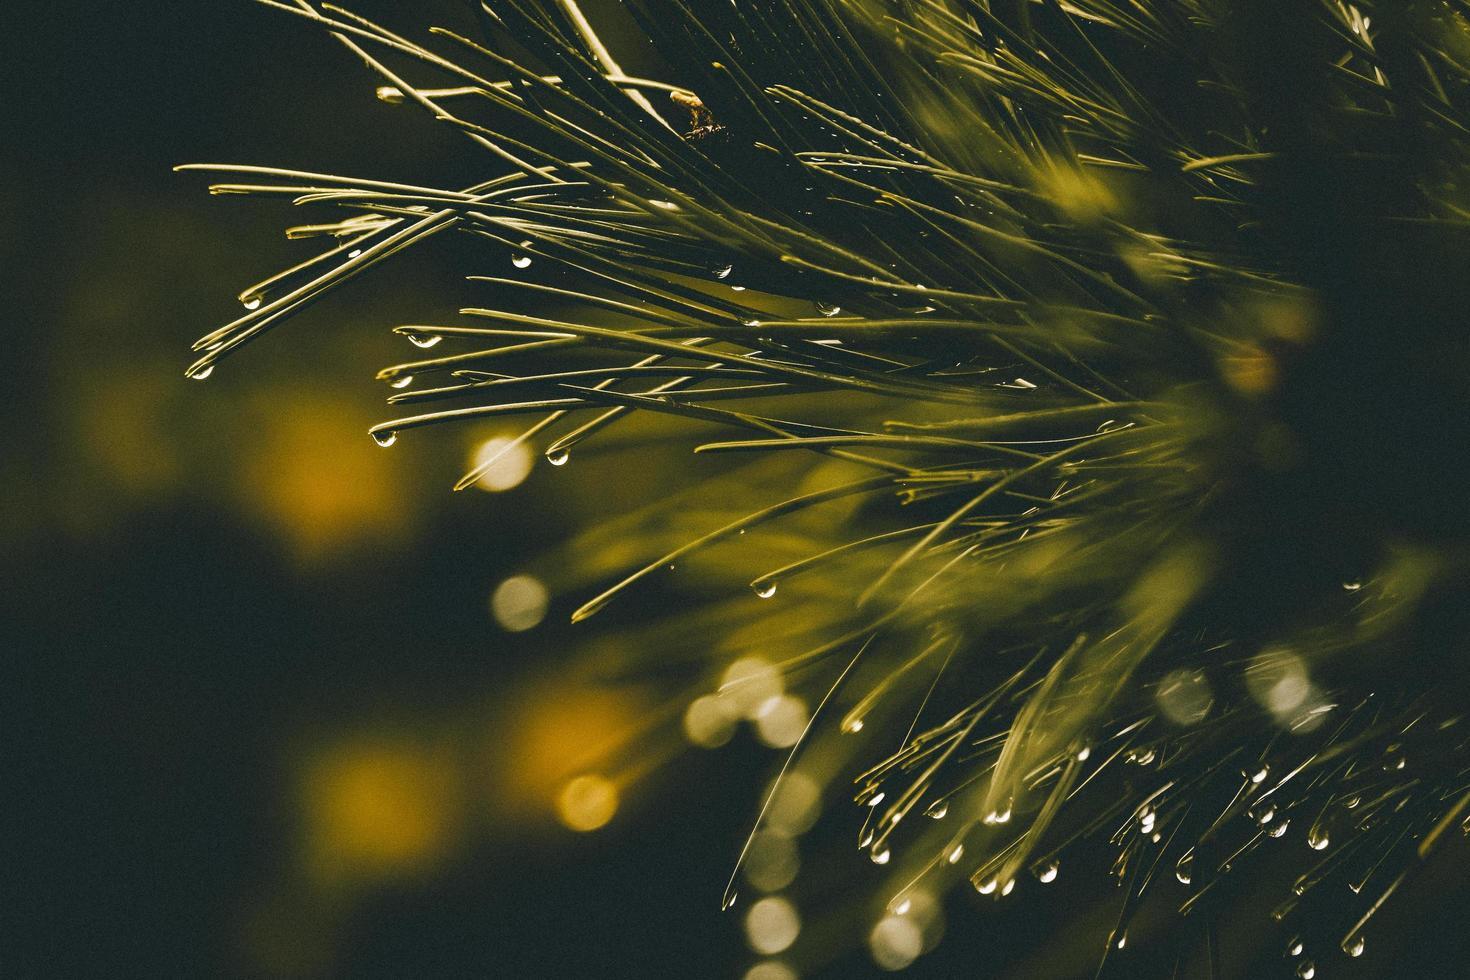 dennennaalden en regen foto